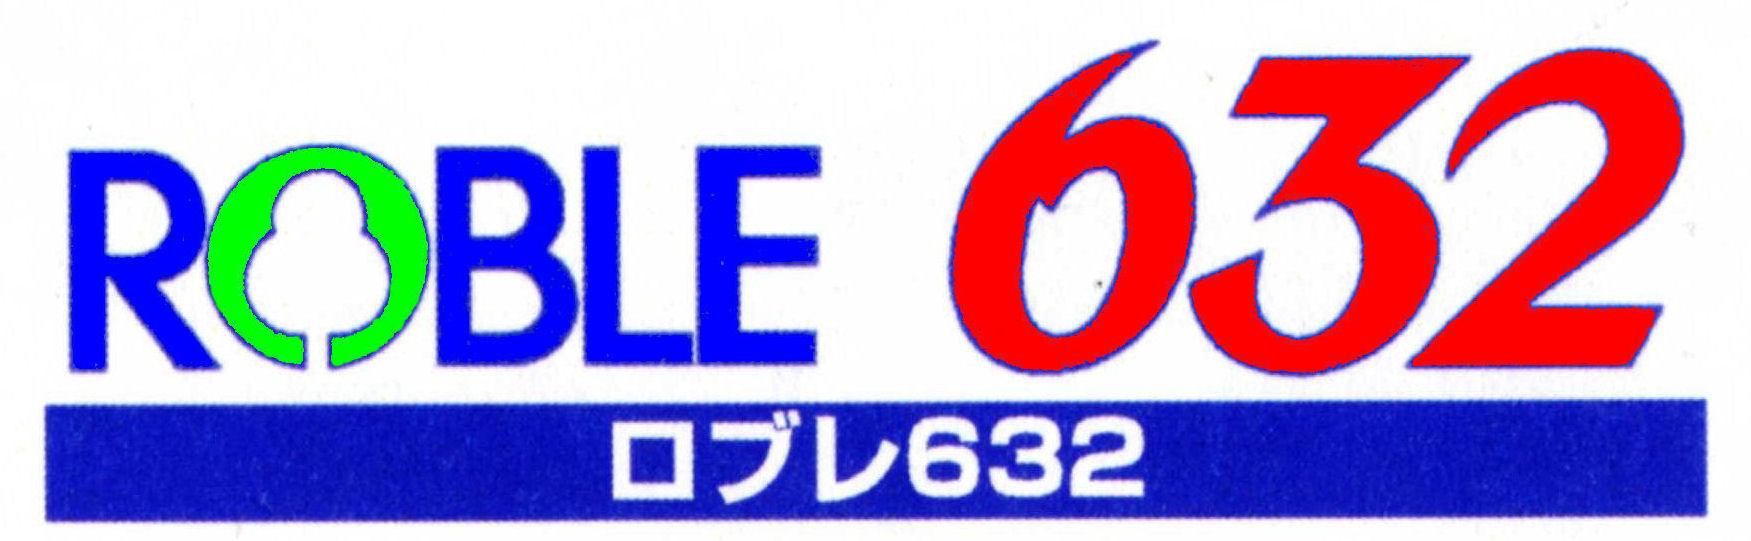 ロブレ632及び第2駐車場 月極駐車(平日)ご利用のお客様へ